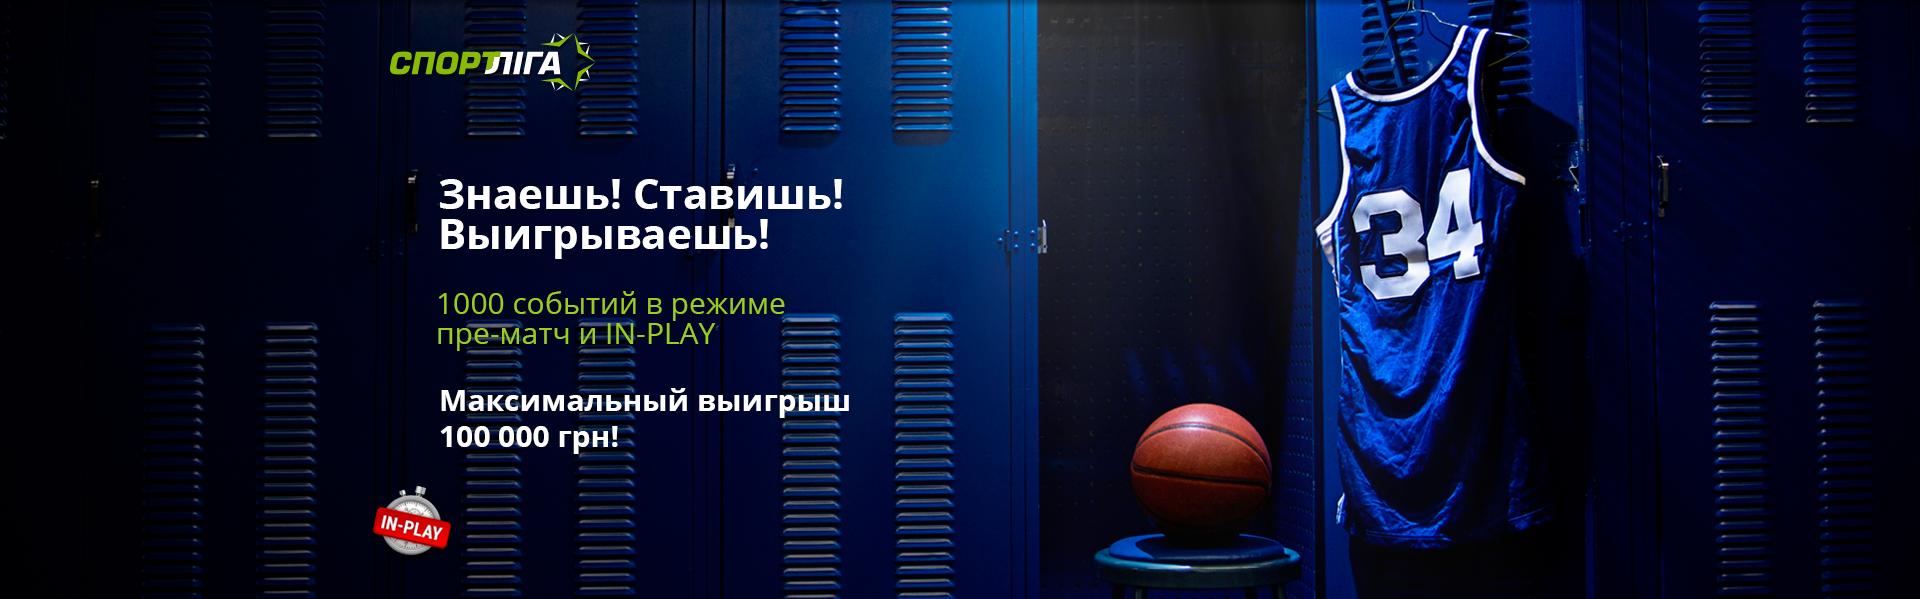 Мсл онлайн ставки на спорт бездепозитный бонус на ставки на спорт за регистрацию